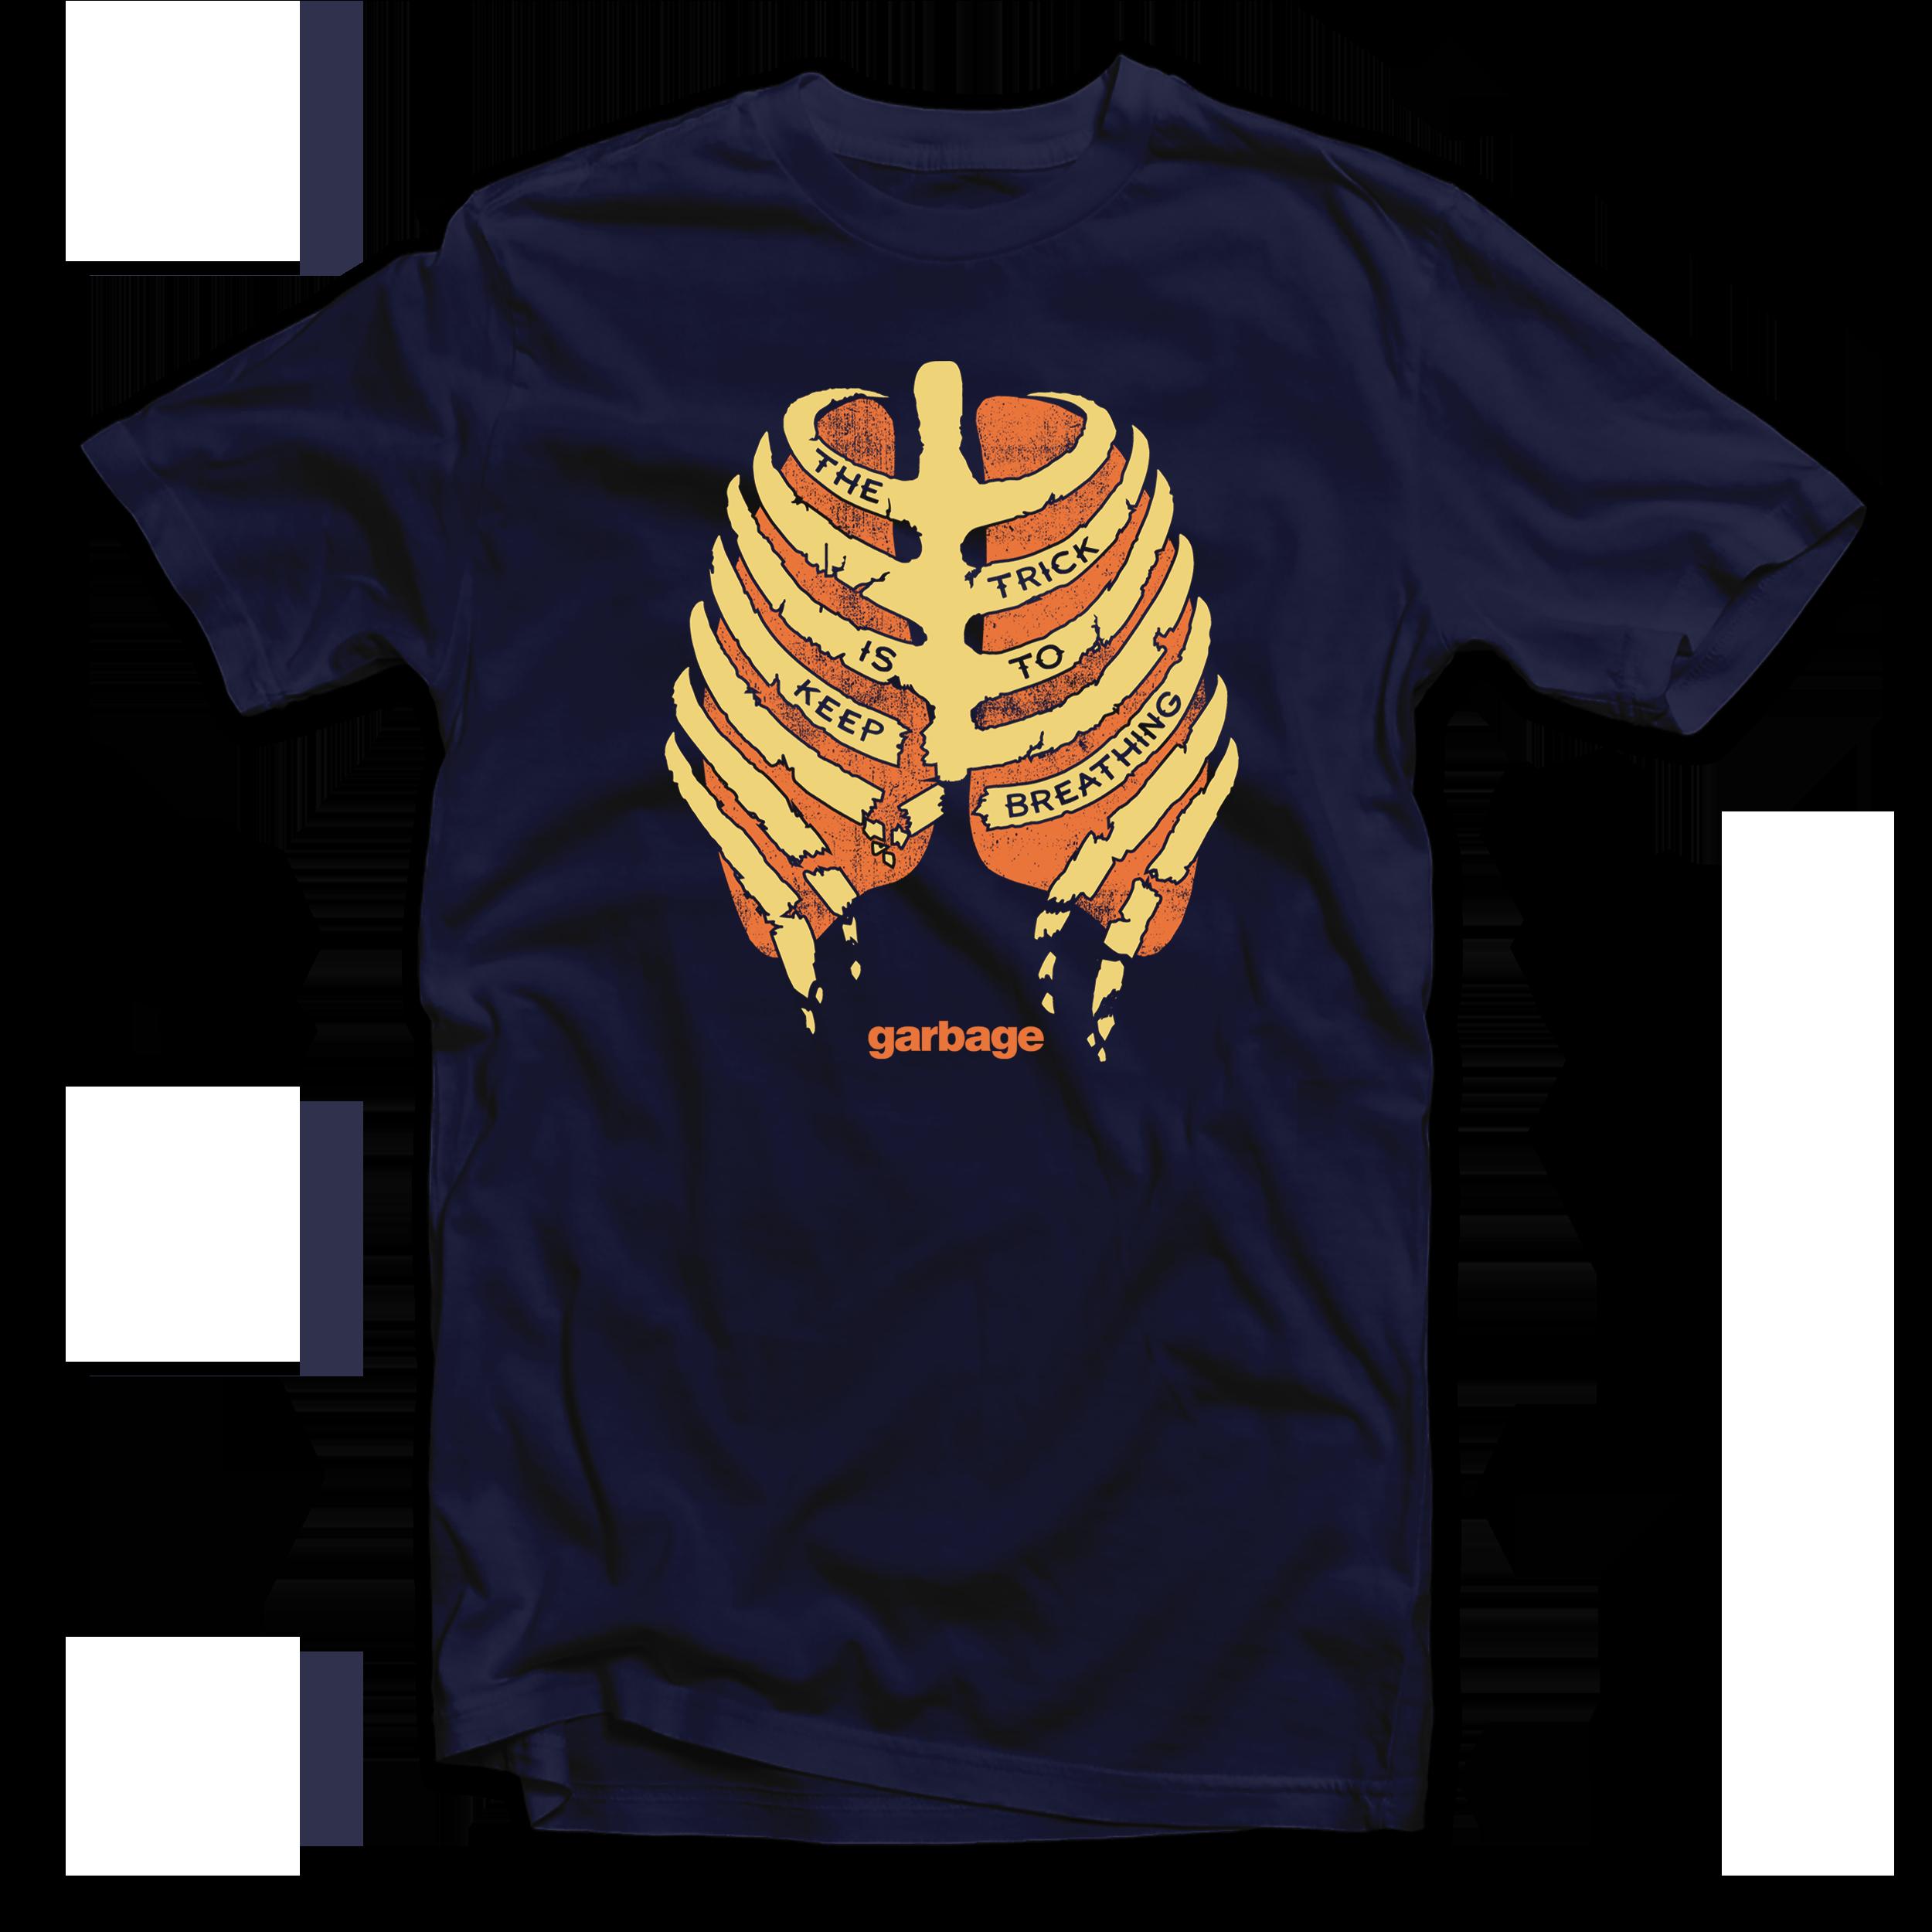 Keep Breathing T-Shirt - Garbage